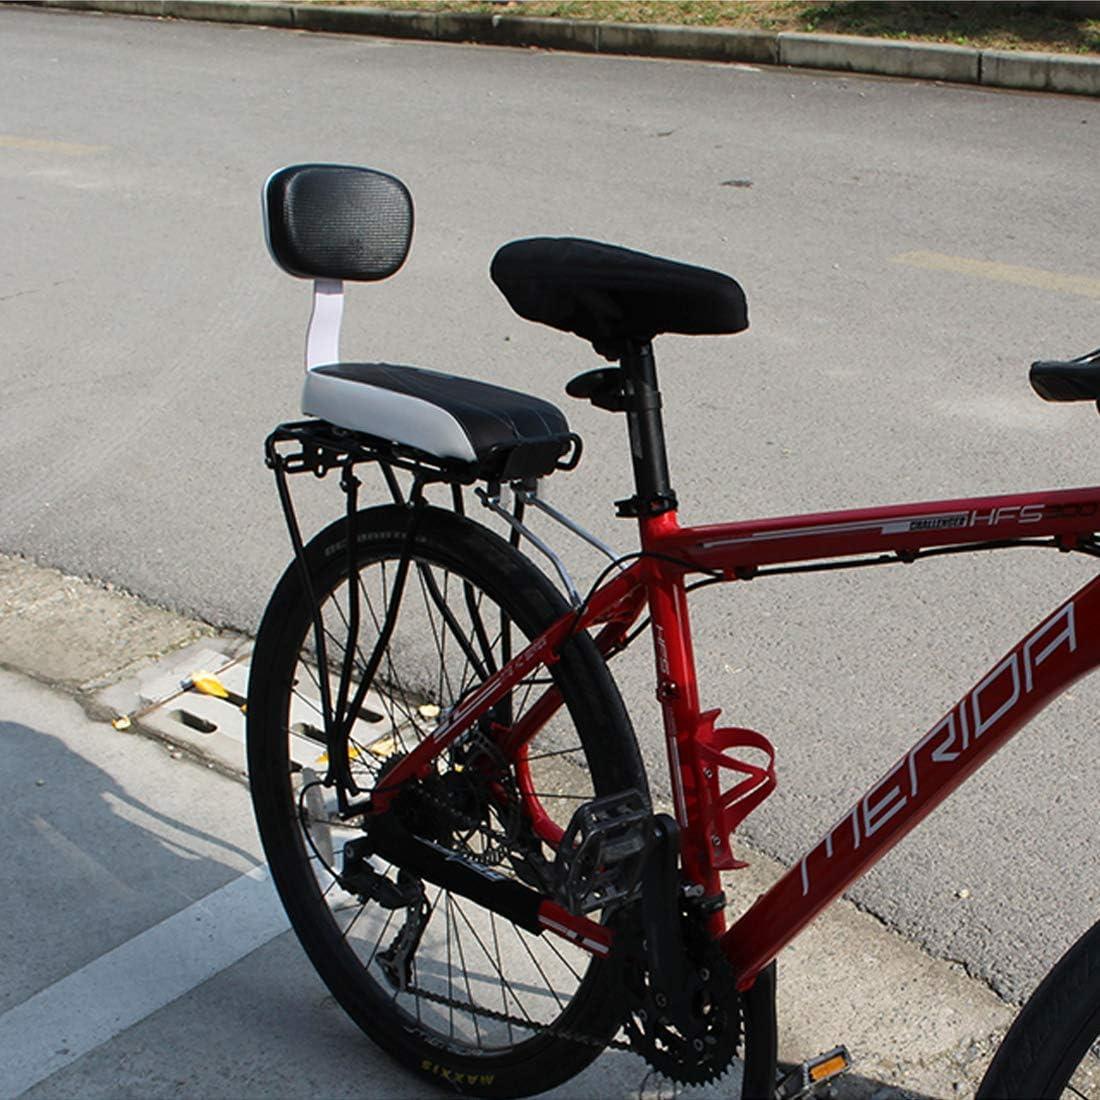 LIBRNTY Asiento Bicicleta Ni/ño,Coj/ín de Asiento Trasero de Bicicleta Respaldo reposapi/és para ni/ños Adultos,Accesorios para Bicicleta Kit de Bicicleta de Montaje a la Trasera coj/ín reposabrazos